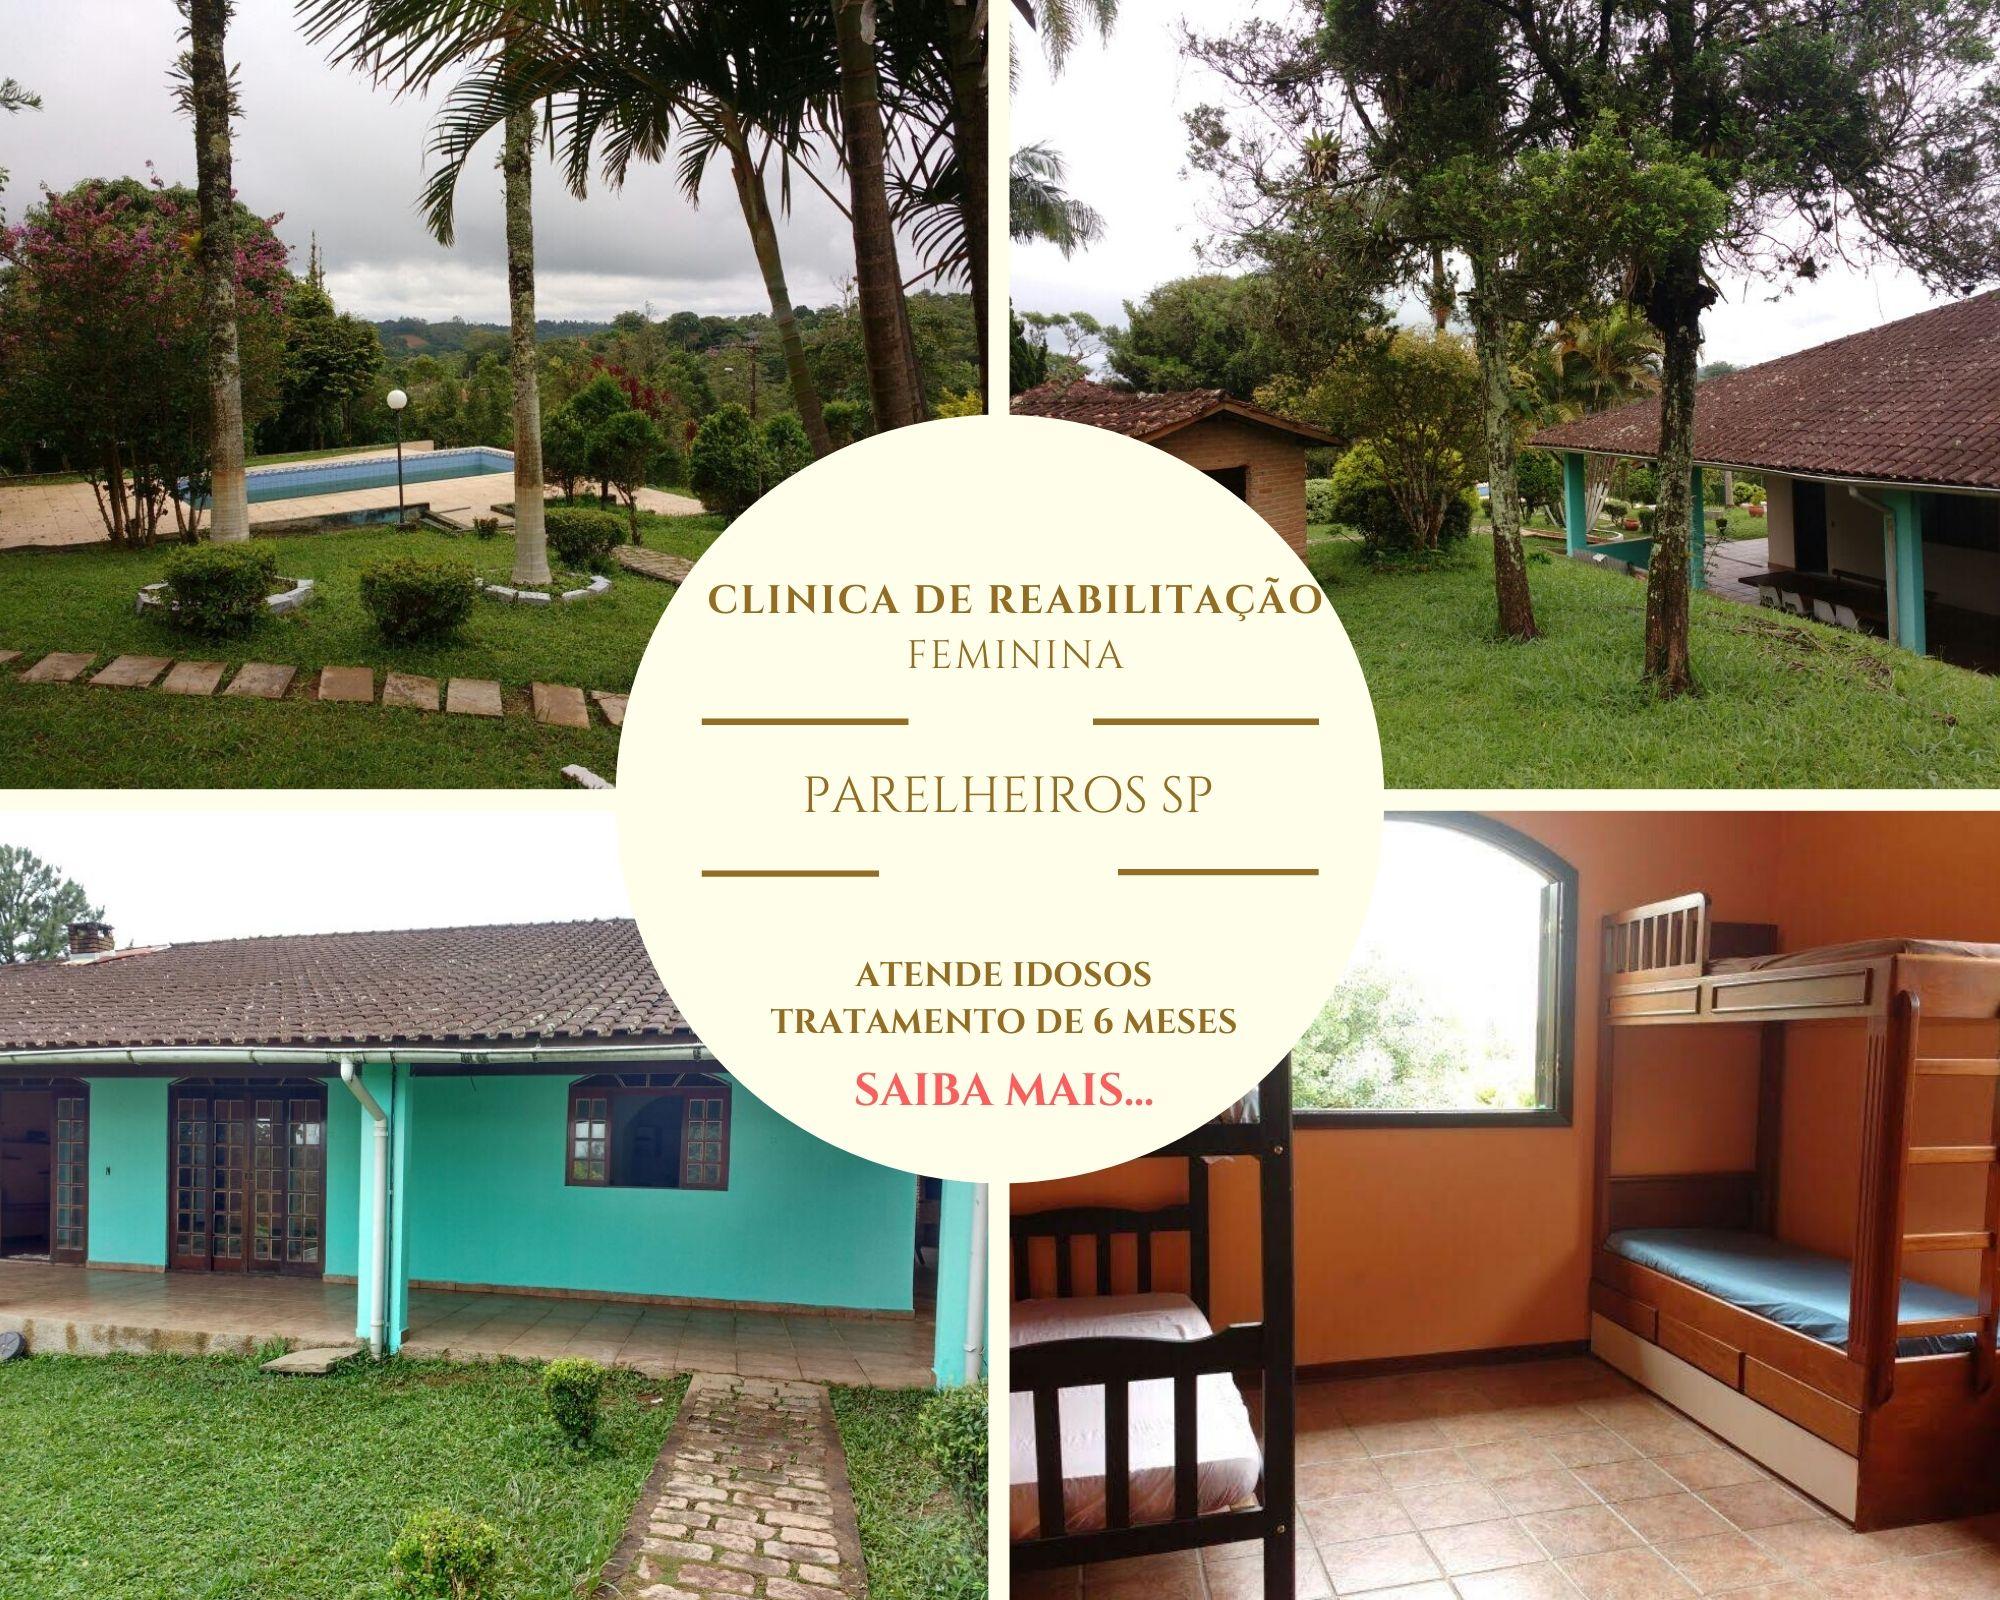 Clinica de recuperação feminina em São Paulo - Parelheiros SP